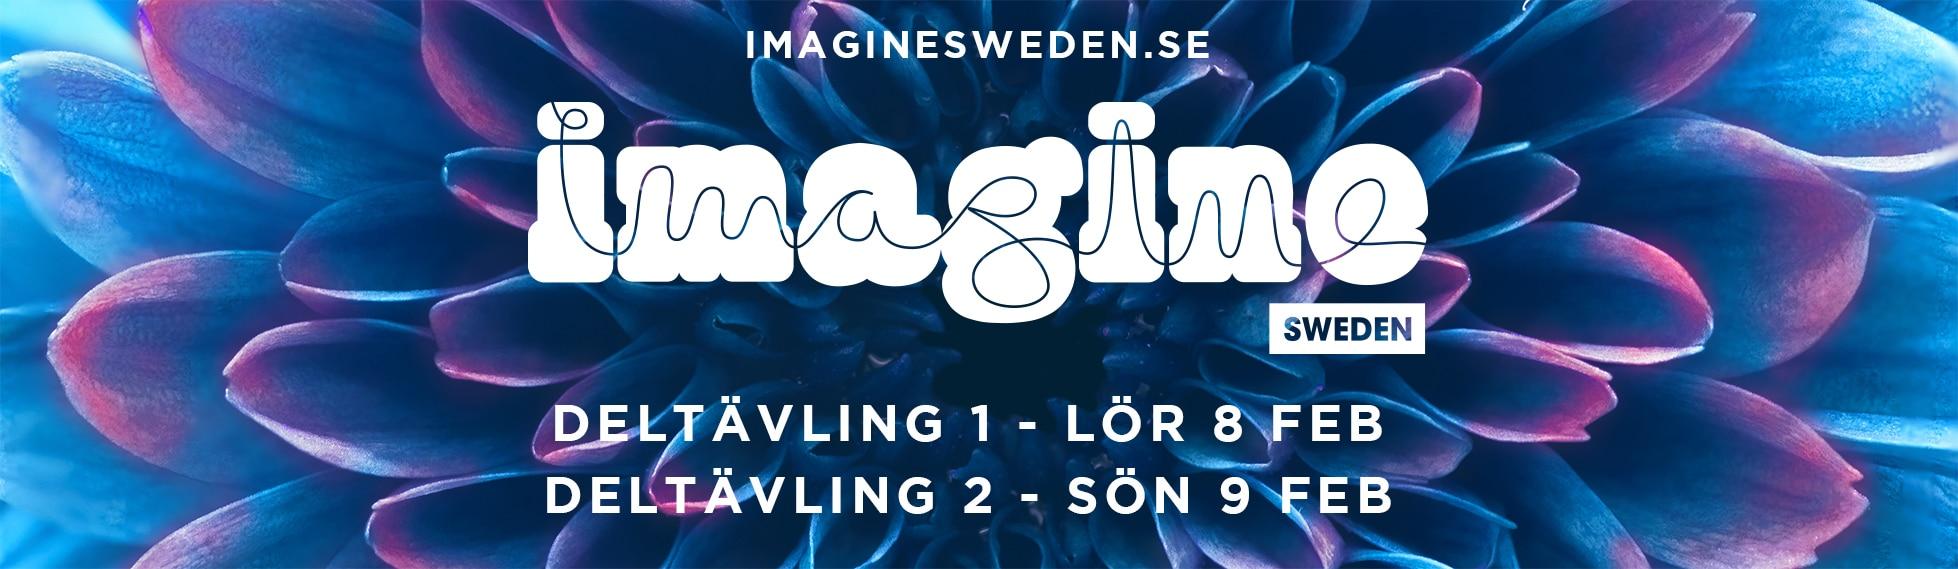 Bild med musiktävlingen Imagines logga och information om datum för deltävlingar